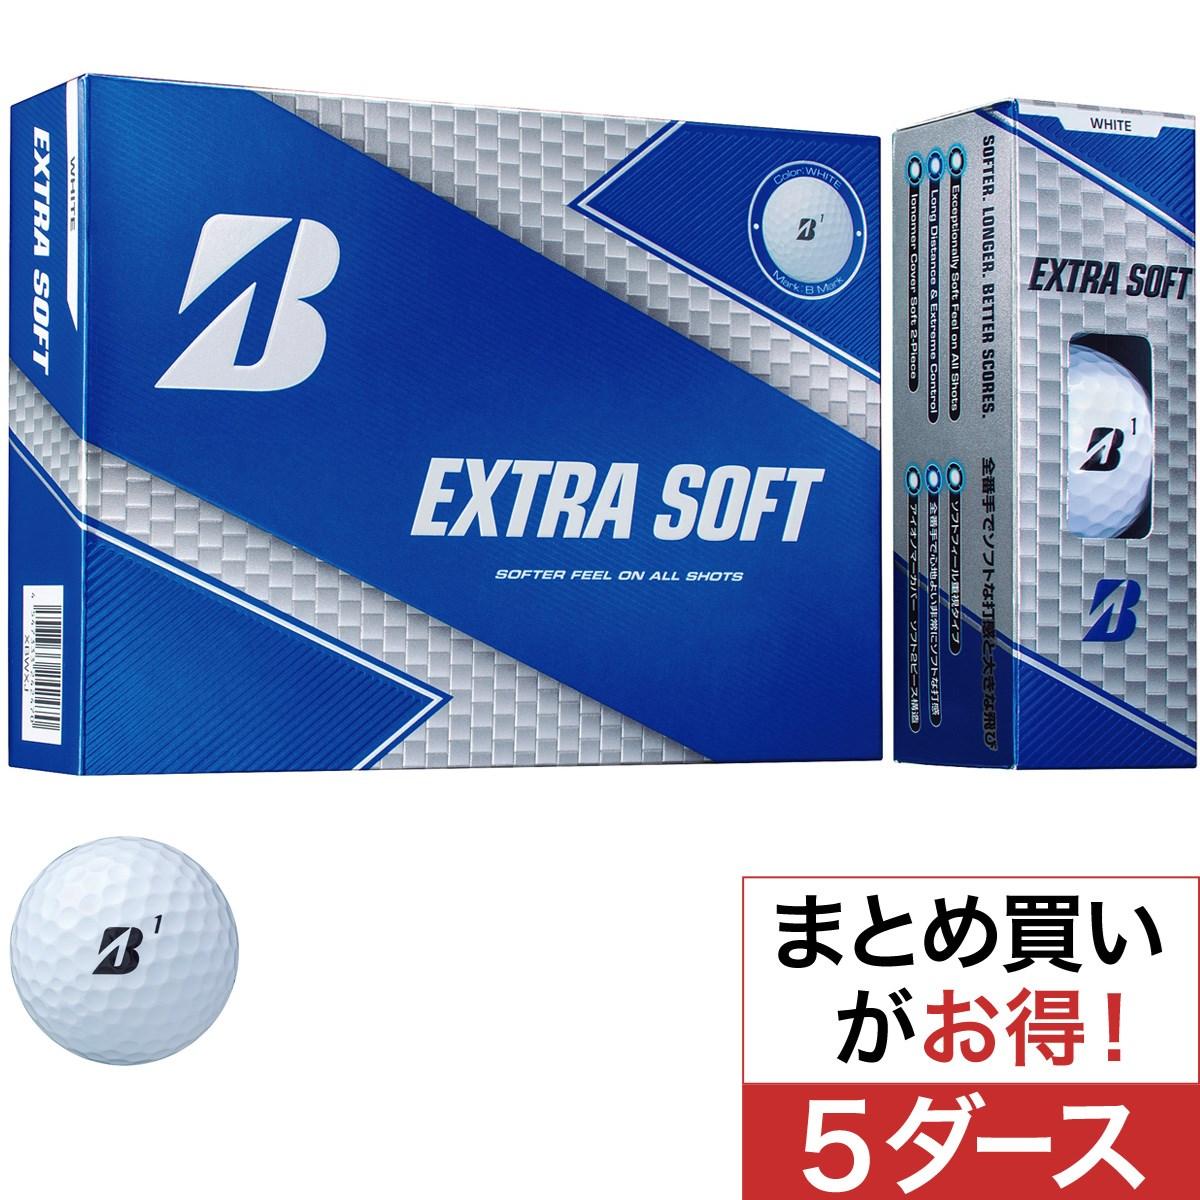 ブリヂストン(BRIDGESTONE GOLF) EXTRA SOFT ボール 5ダースセット